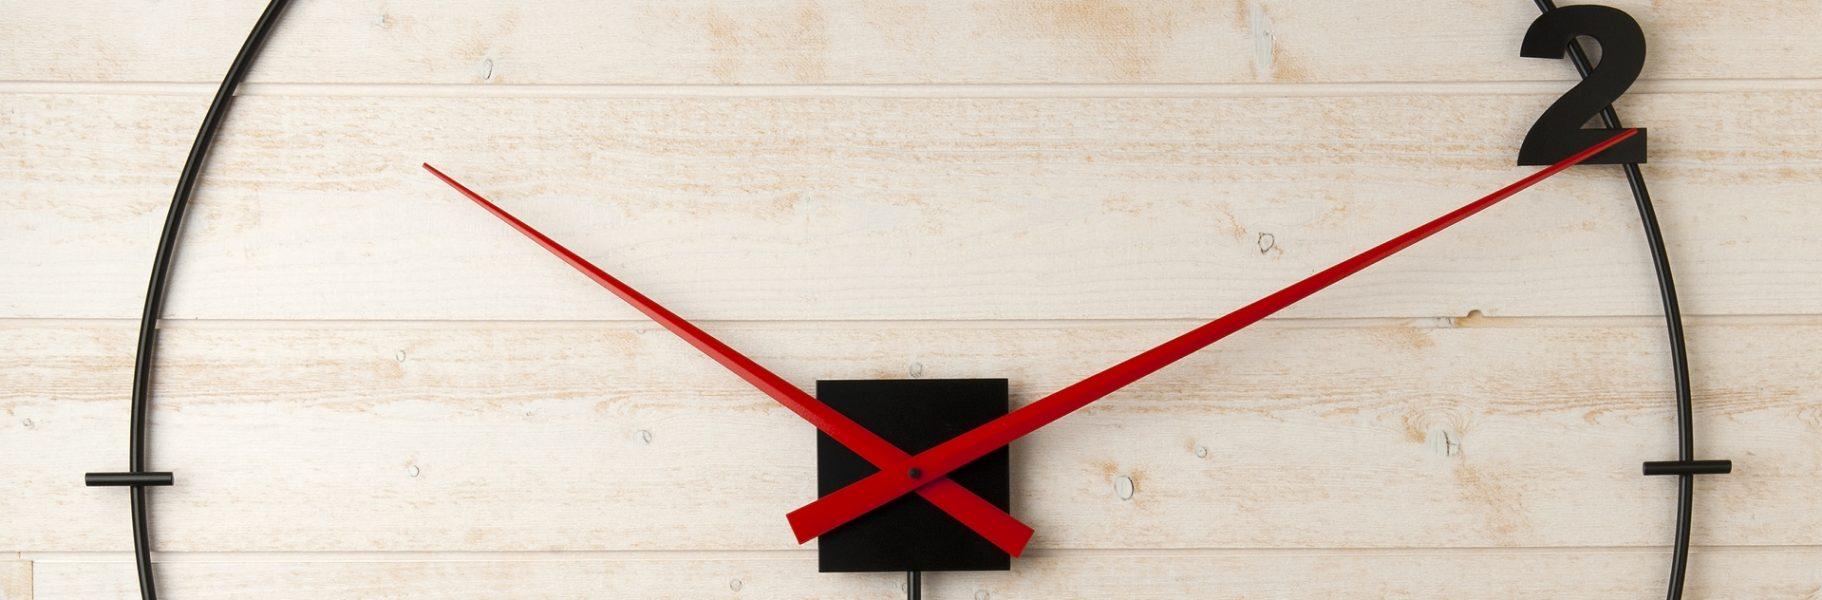 Horloges Gantes Mobilier De Style Industriel Table